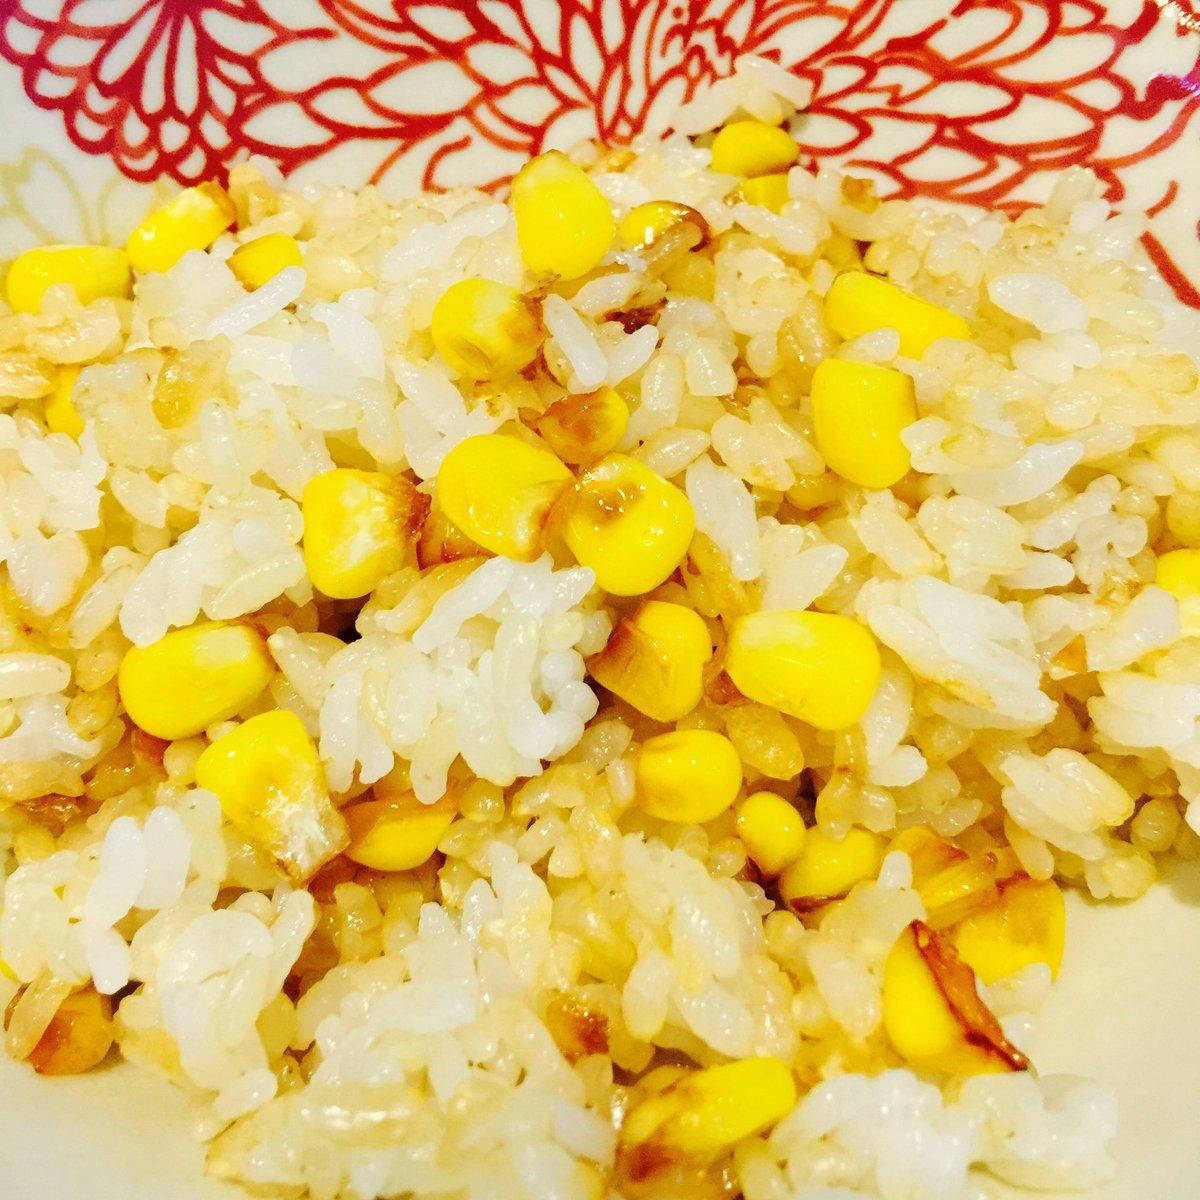 【香ばしい!美味しい!トウモロコシごはん】トウモロコシの実を削ぎ、芯の部分は少々の塩とともにご飯と炊き込む。実をガッッリ!焦がし醤油とバターで炒める。炊き上がったご飯と実を混ぜる。子供ががっつく! https://t.co/gZEJN5XePs